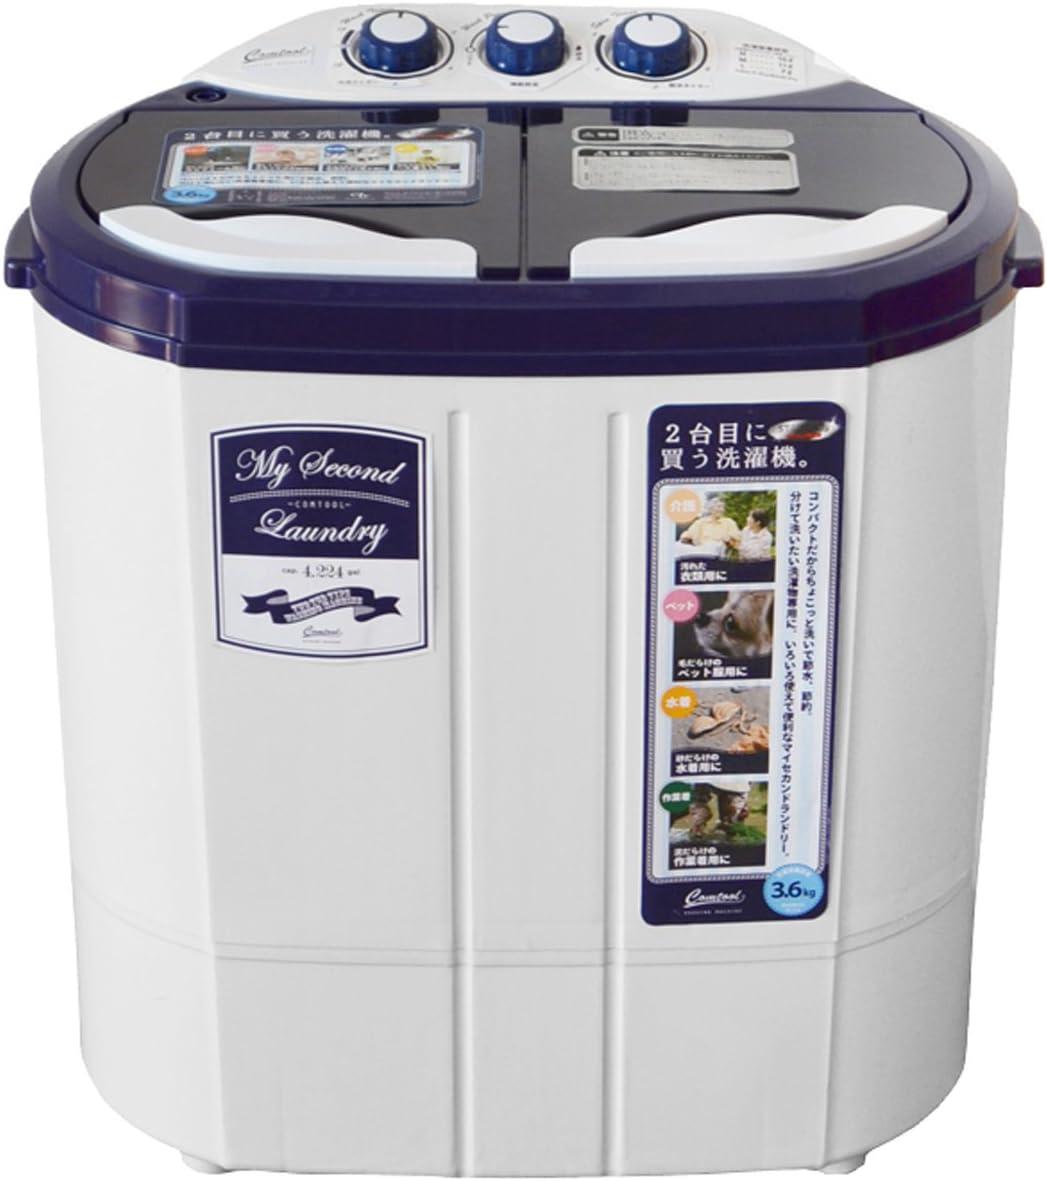 CBジャパン 2槽式小型洗濯機 TOM-05